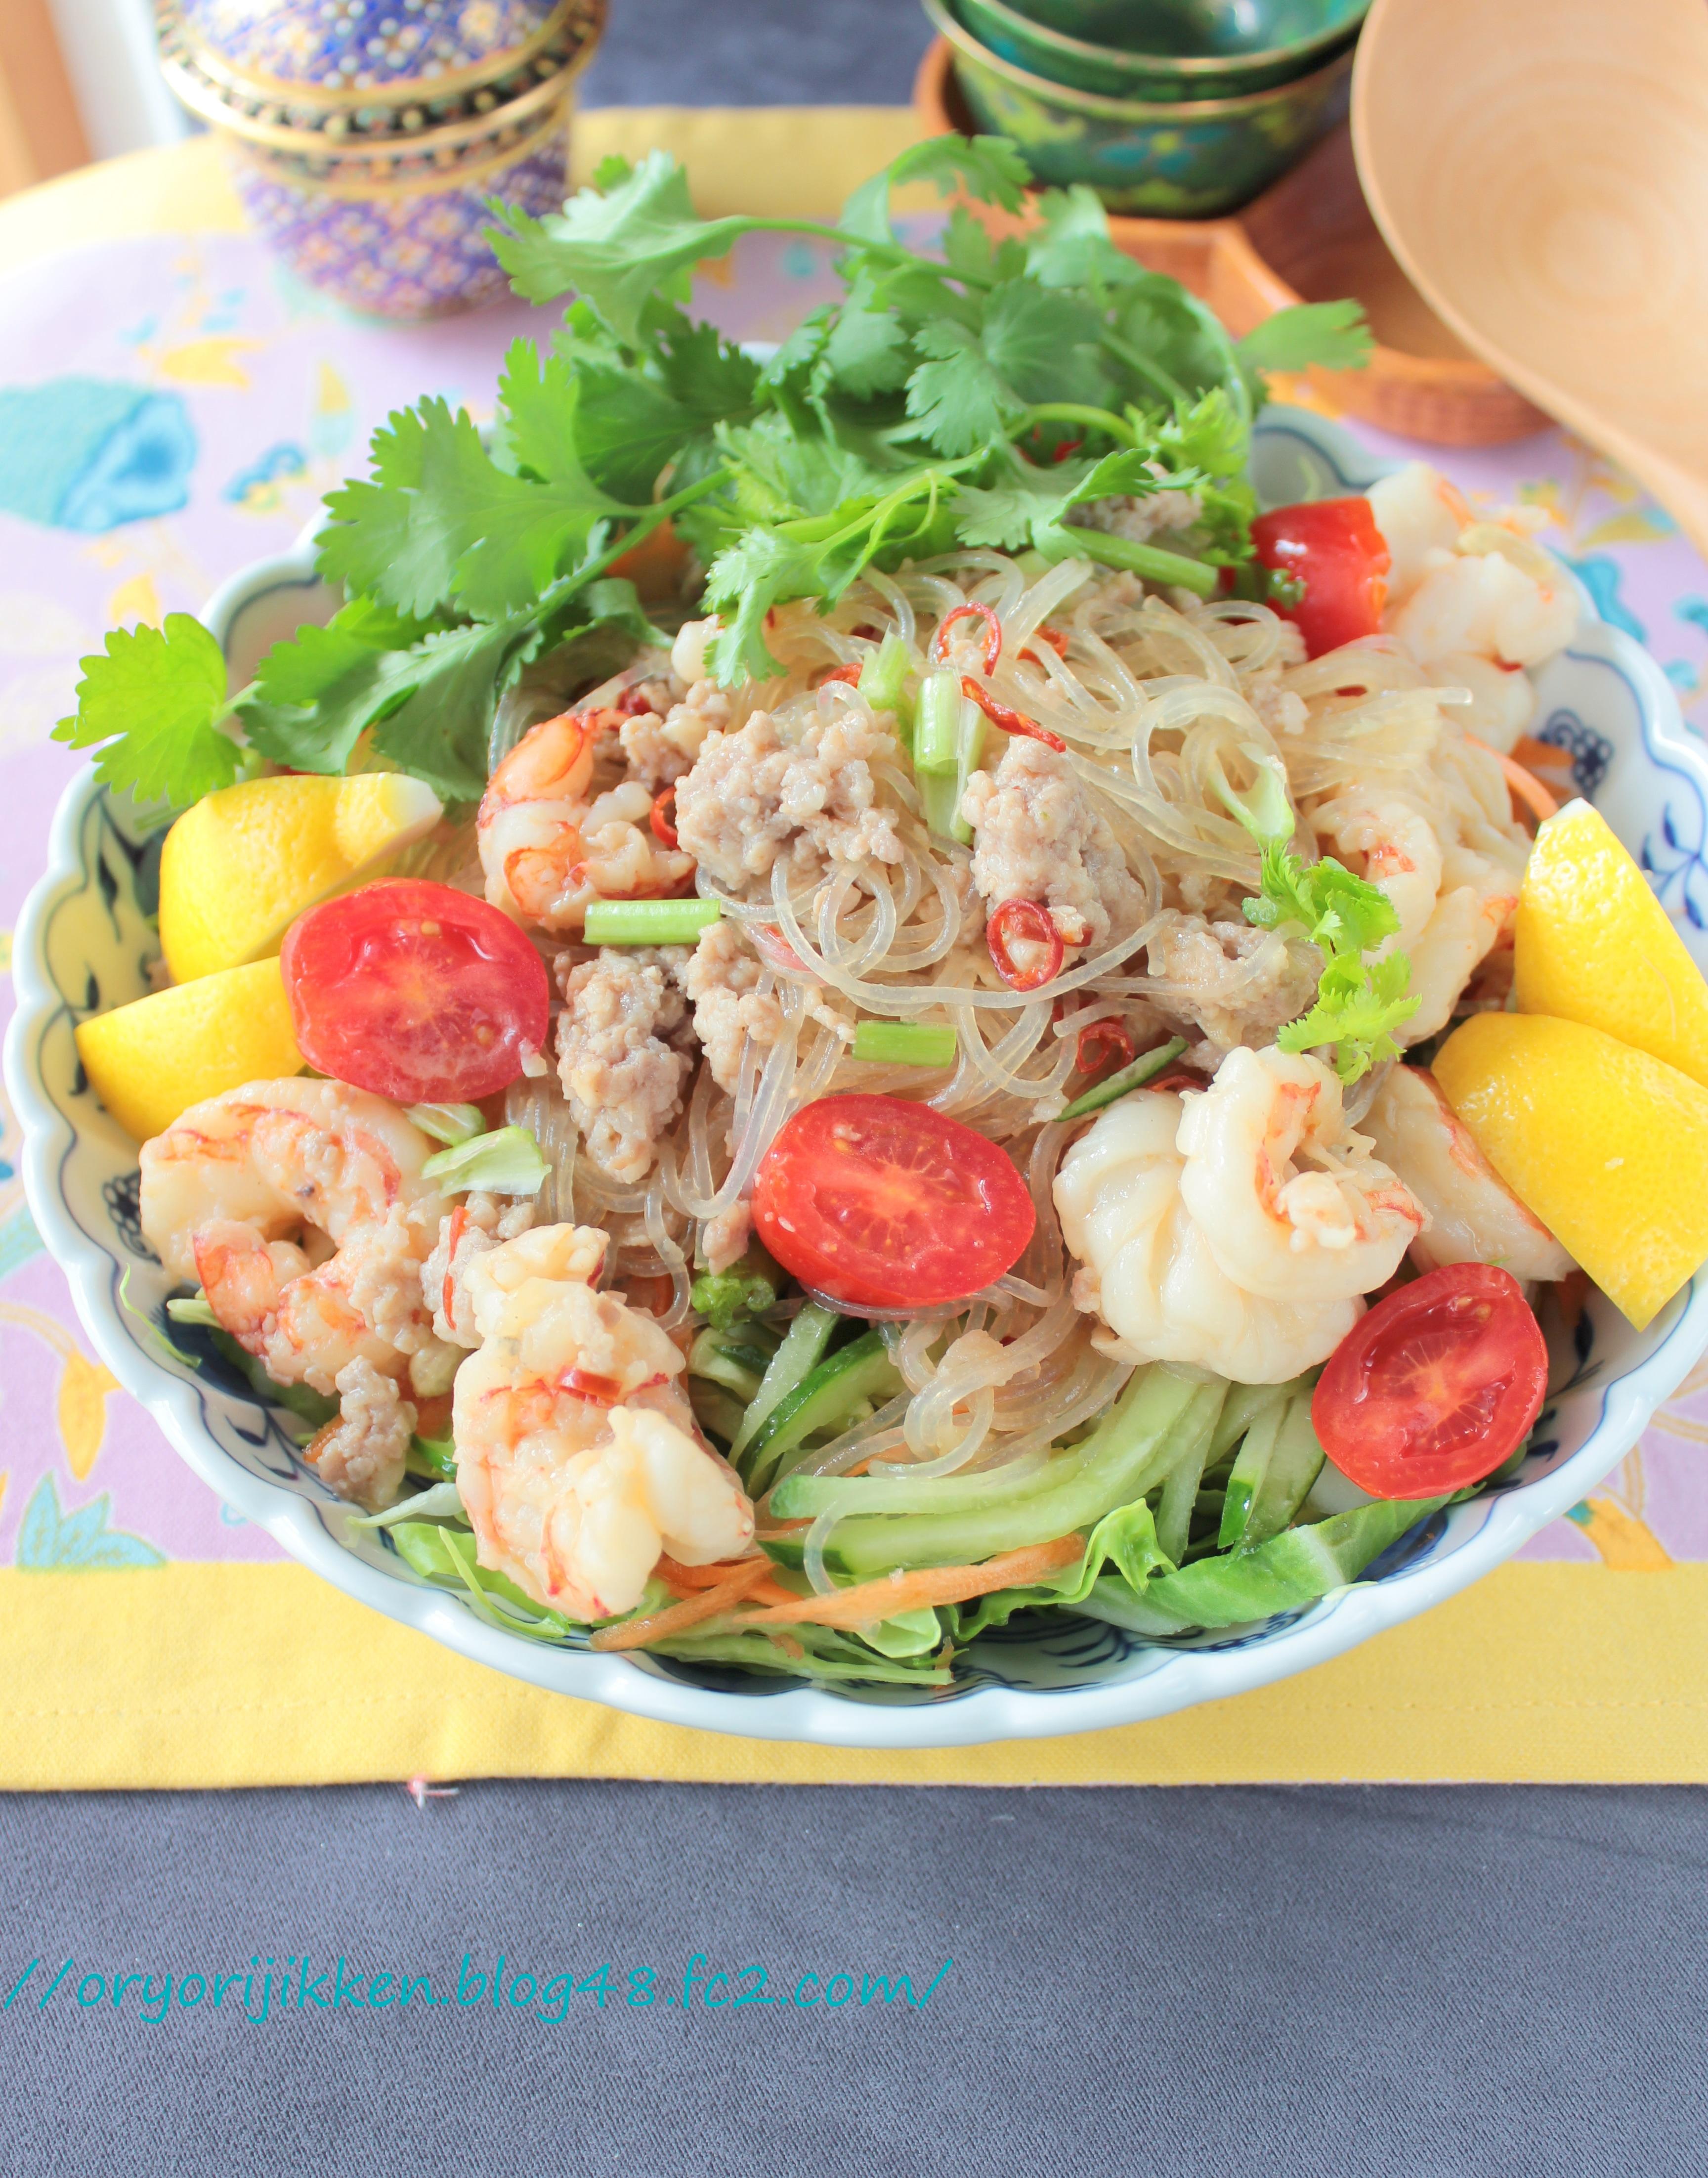 栄養たっぷり!タイ風サラダ「ソムタム」のレシピ10選の画像